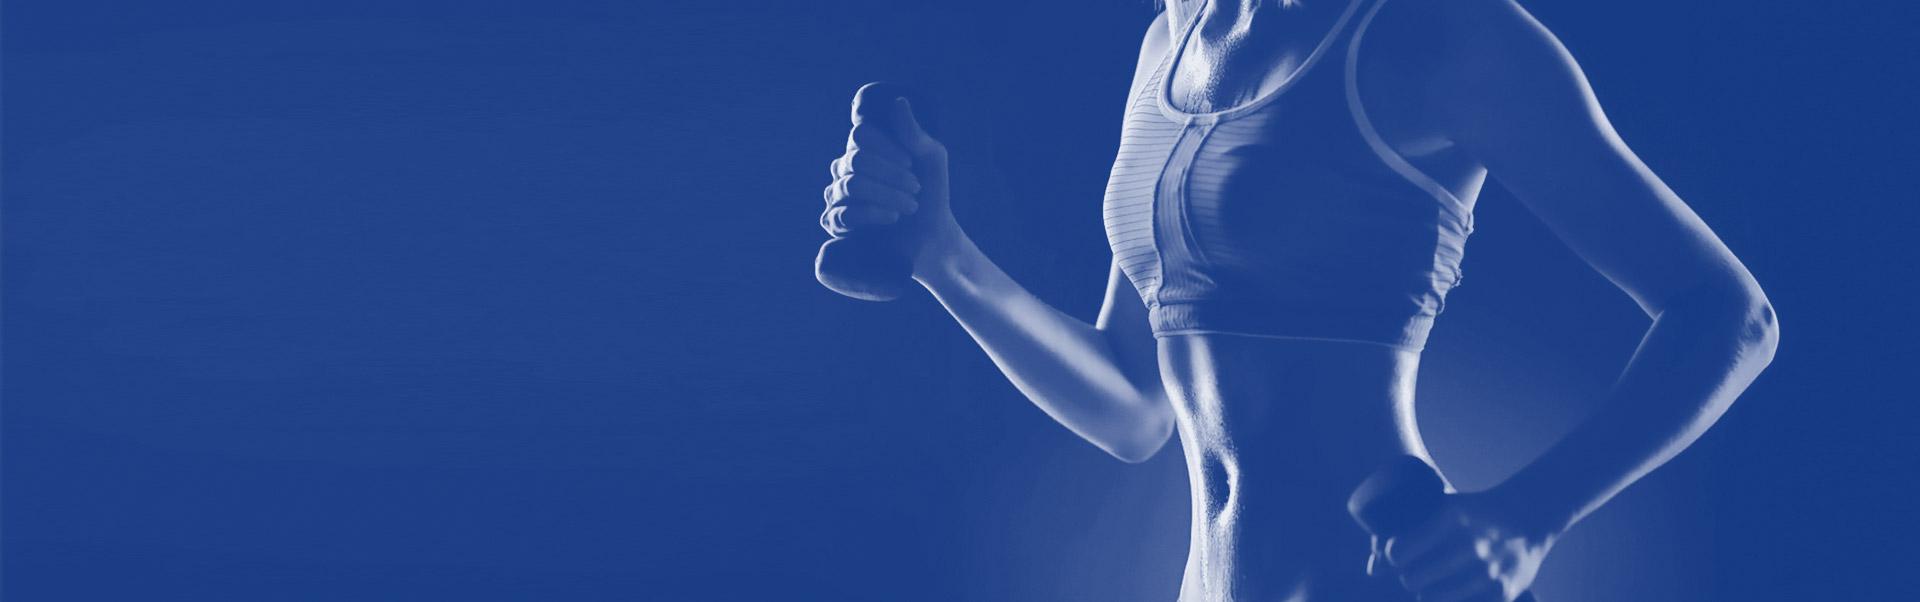 FITADVISOR: Una comunidad fitness